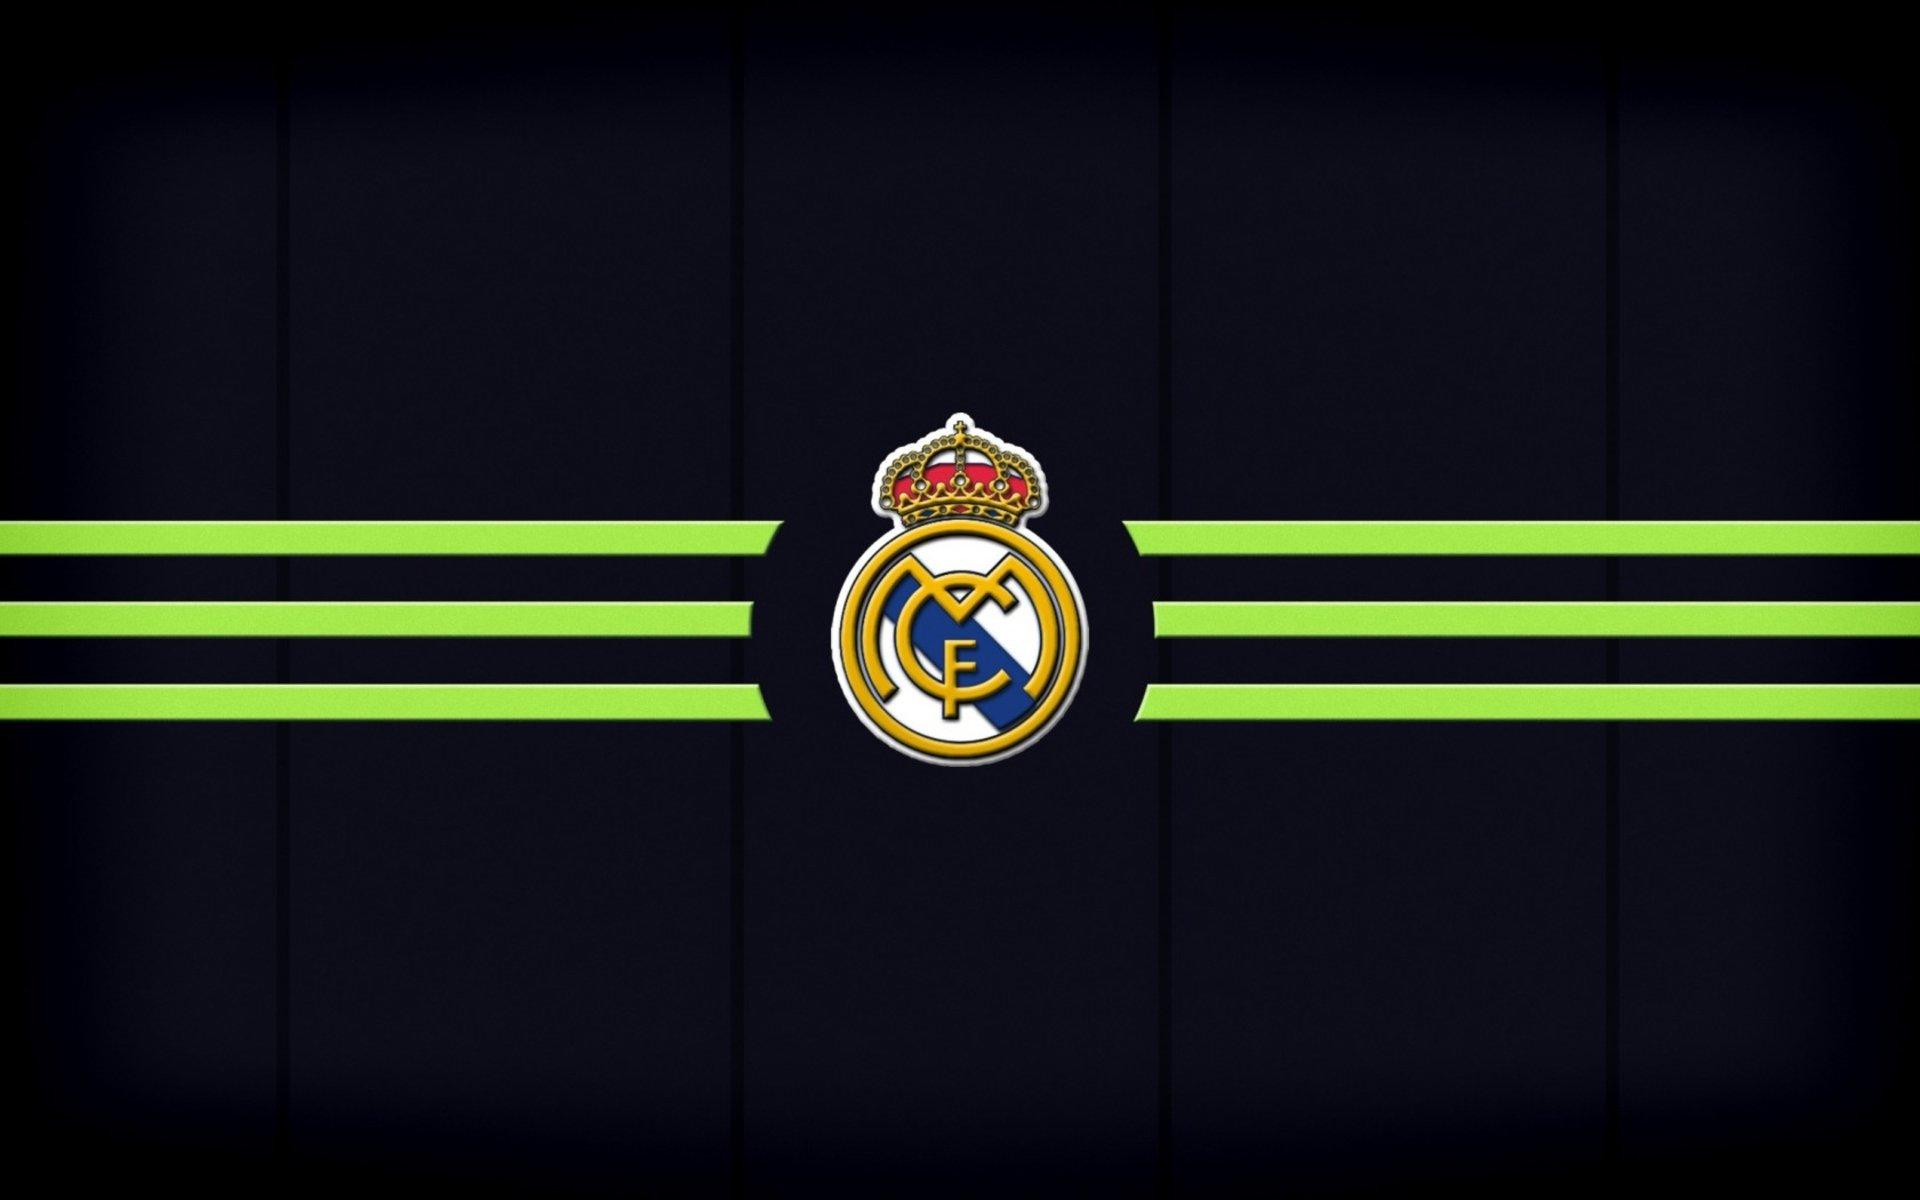 Real Madrid Iphone X Wallpaper Real Madrid C F Fondo De Pantalla Hd Fondo De